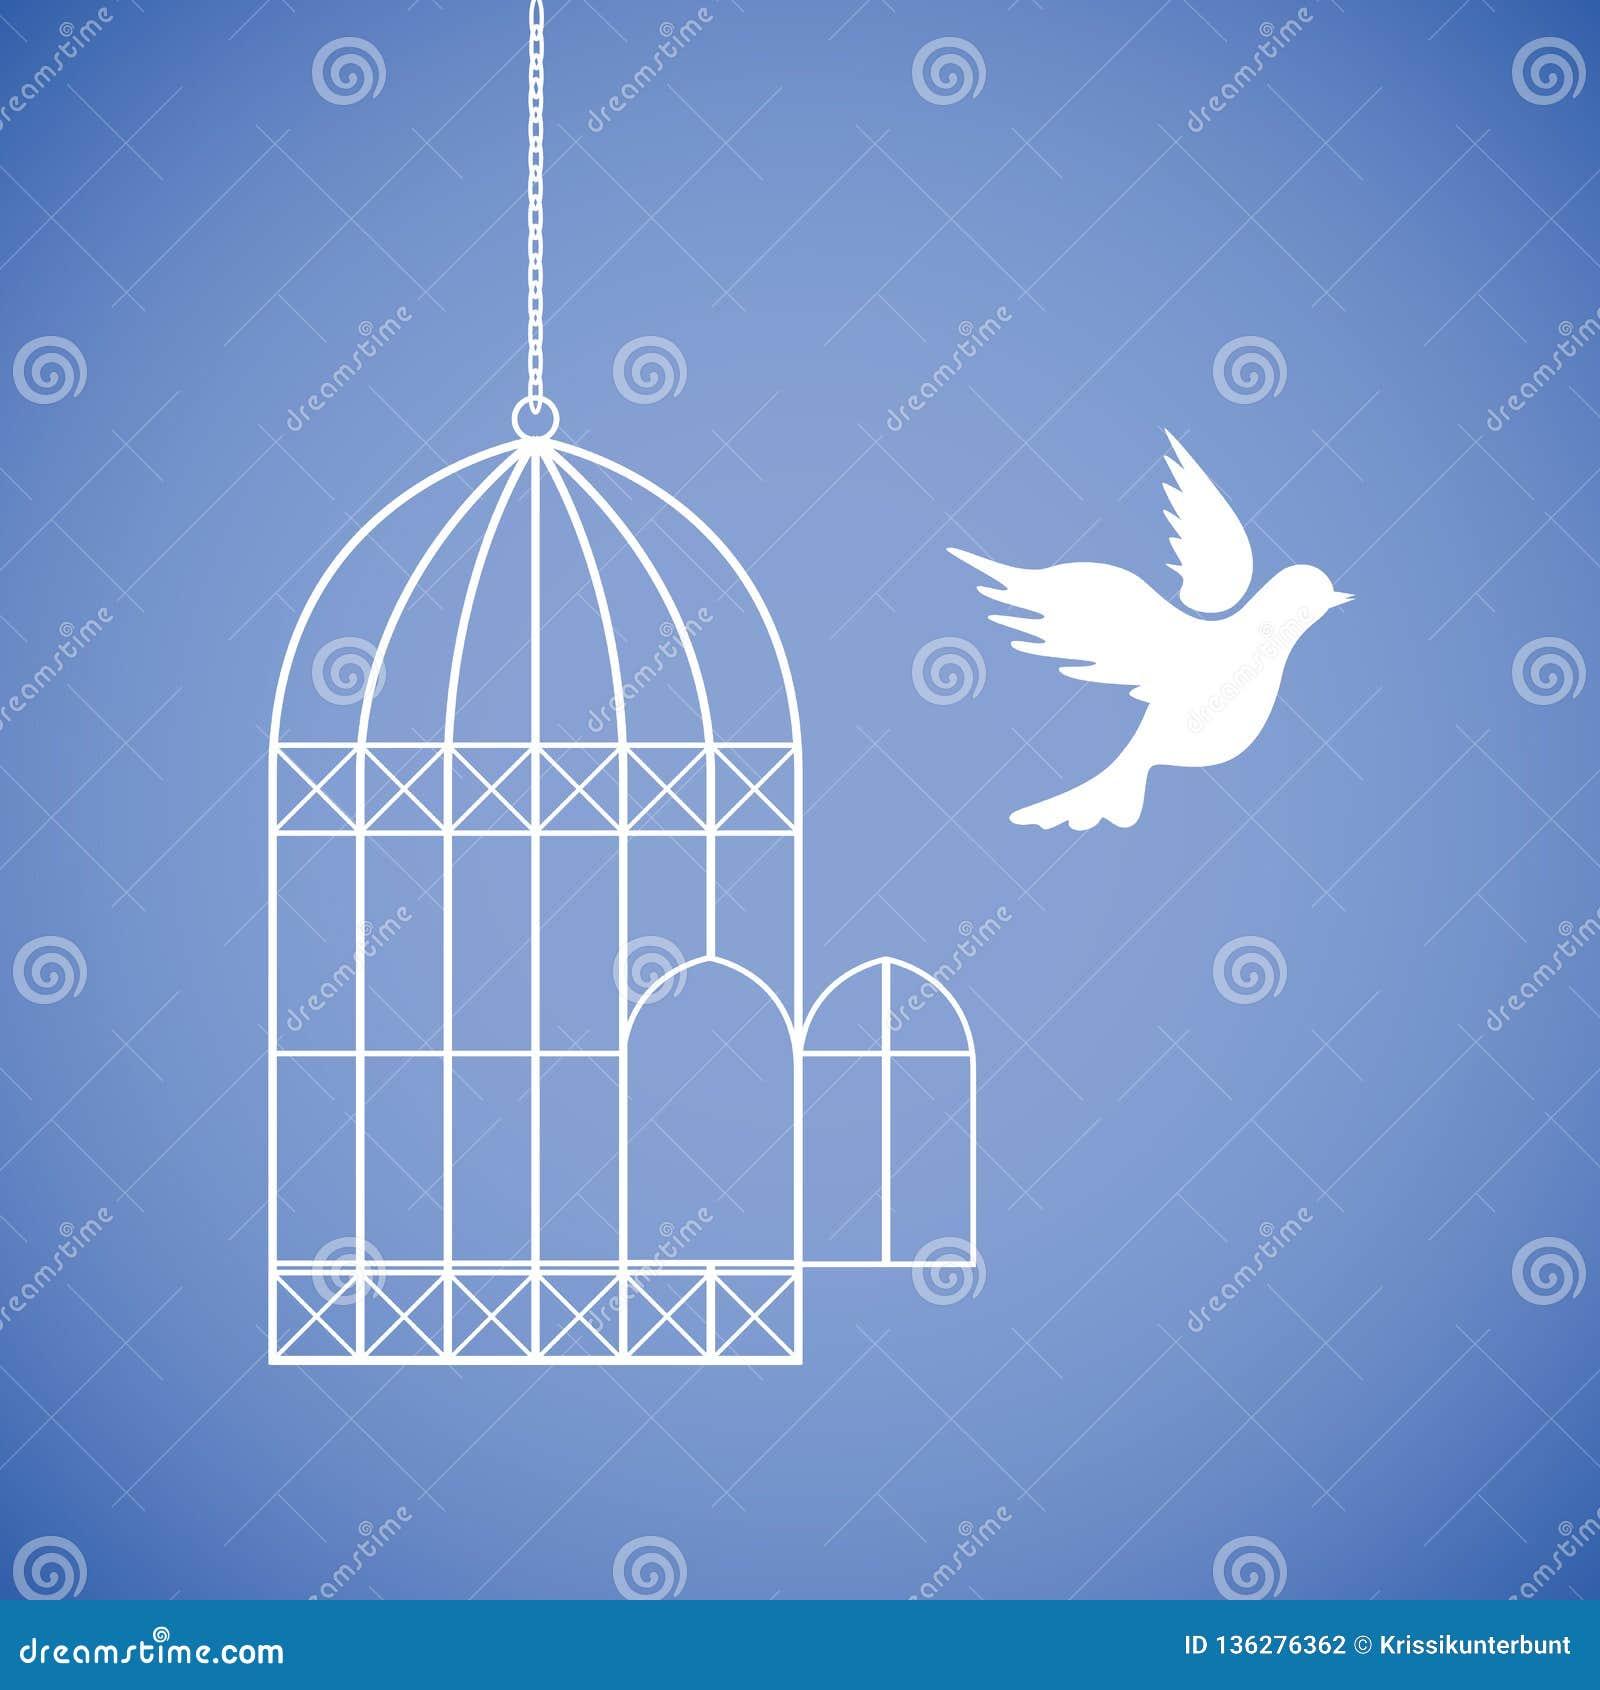 Белый голубь летает из клетки